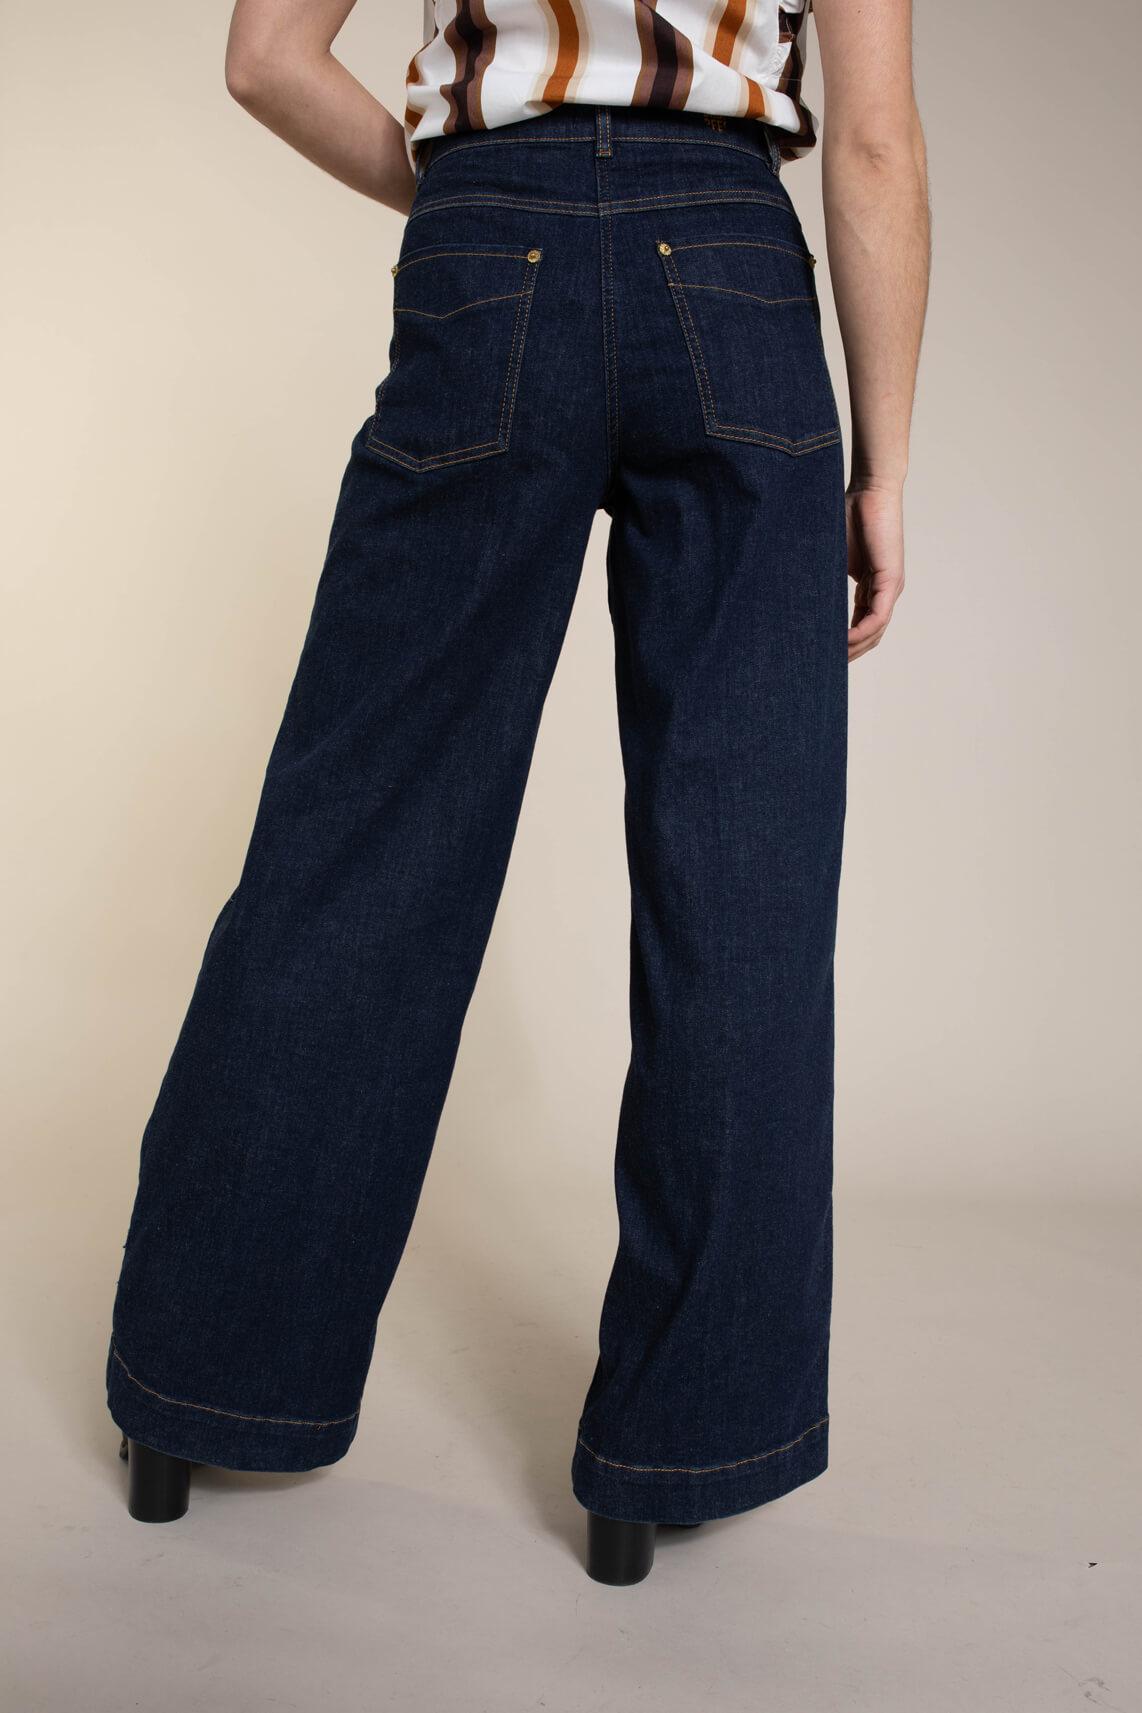 Baum und Pferdgarten Dames Nicette jeans Blauw